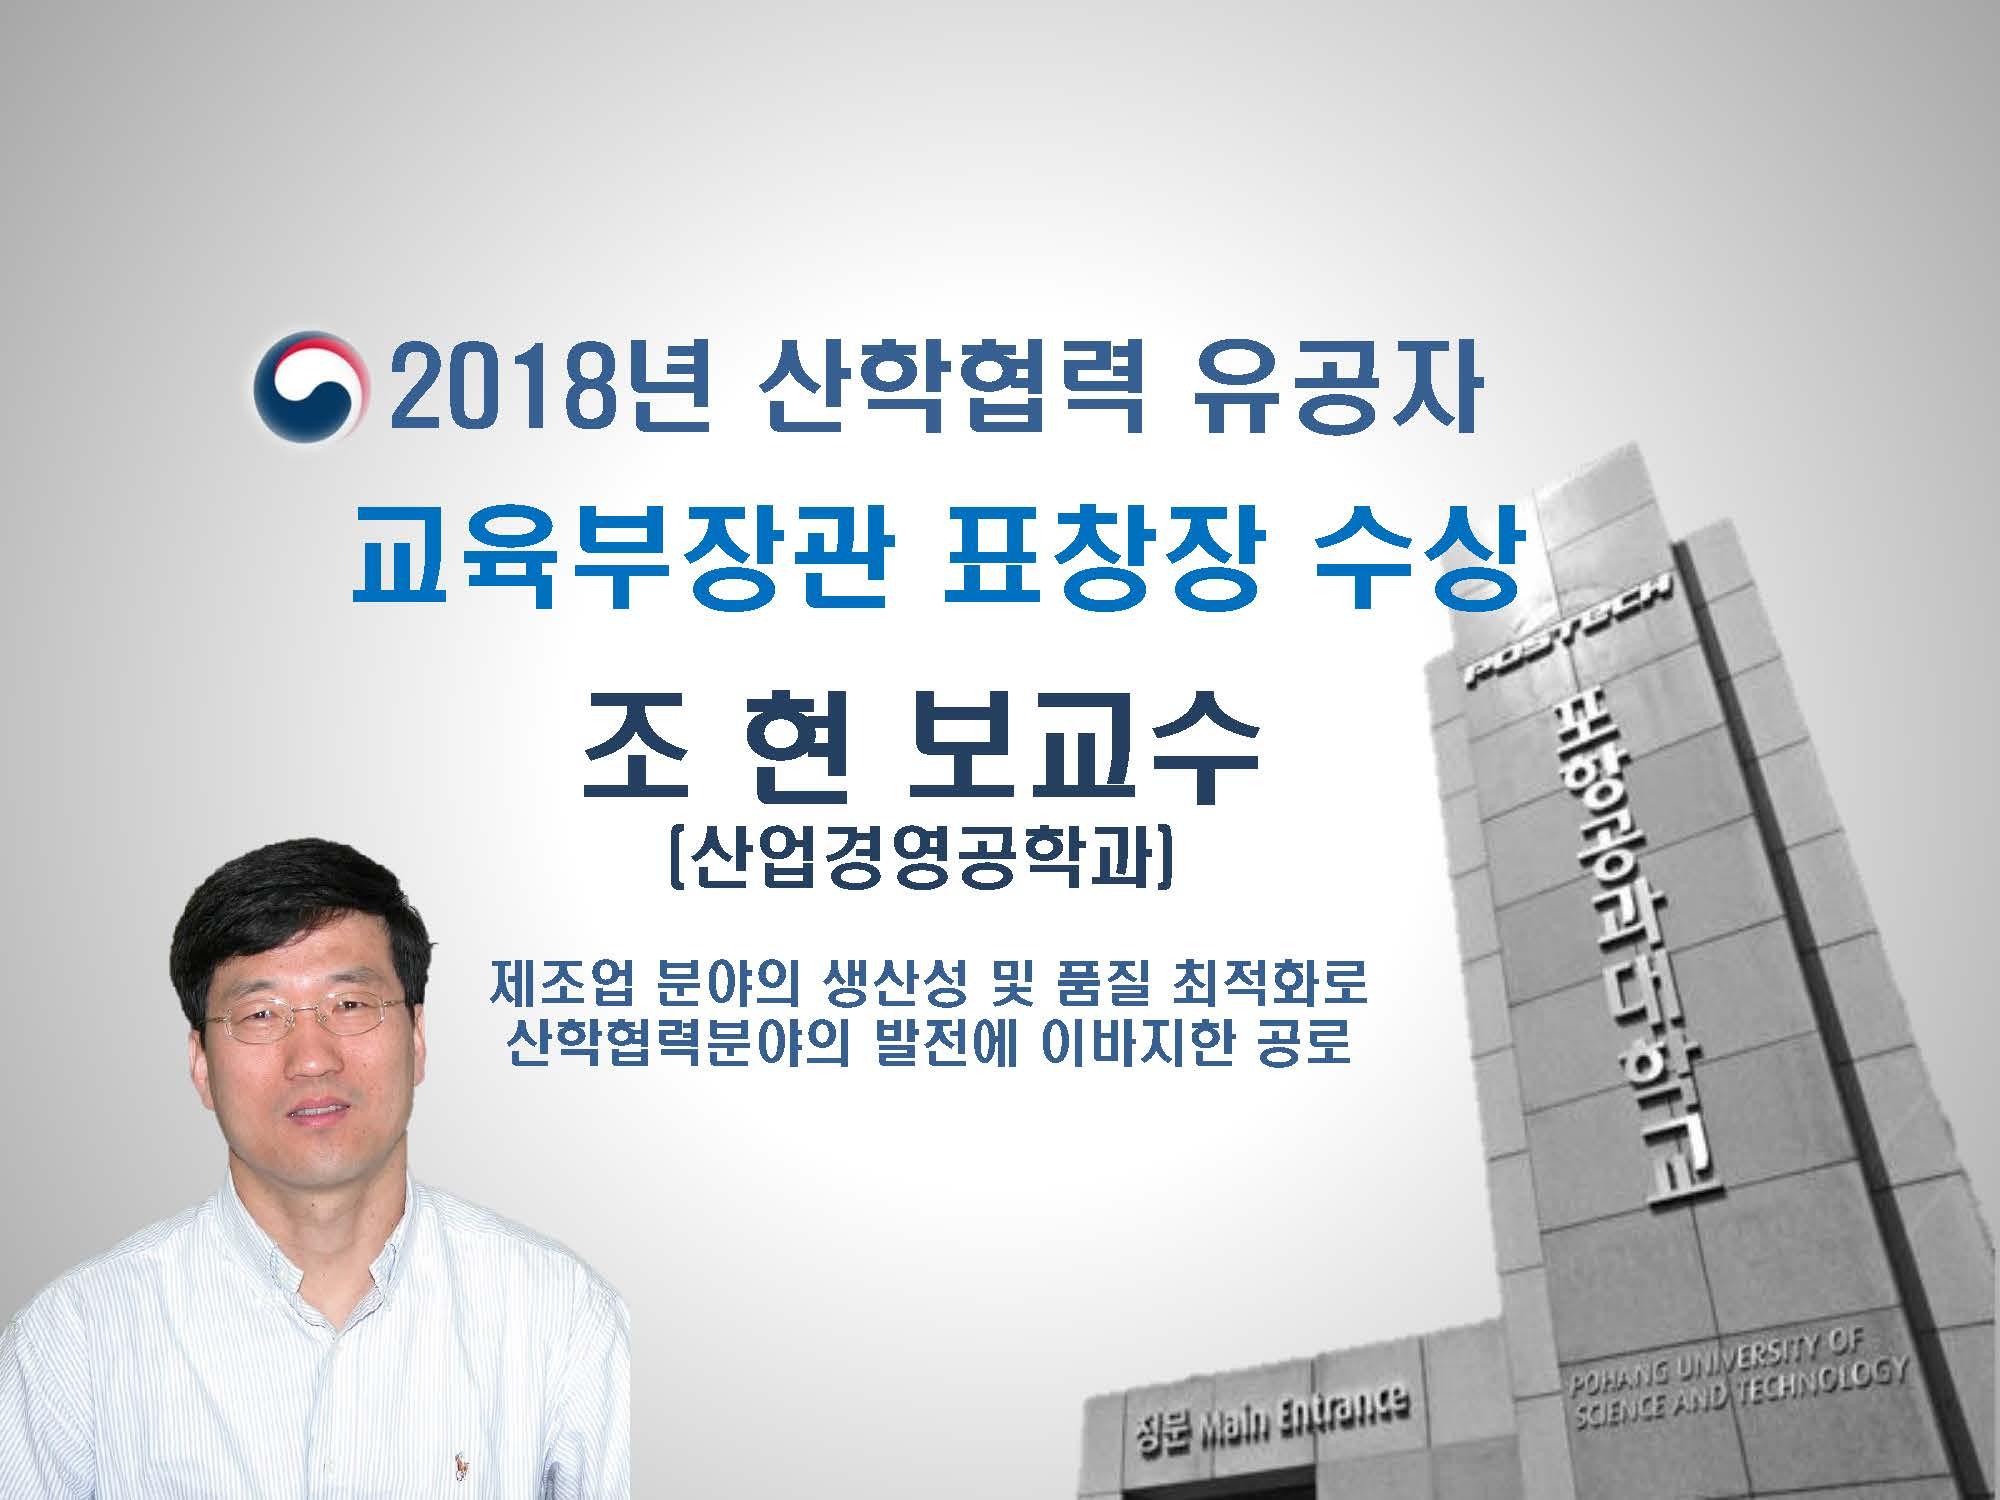 학과 게시판용_20181207_조현보 교수.pptx